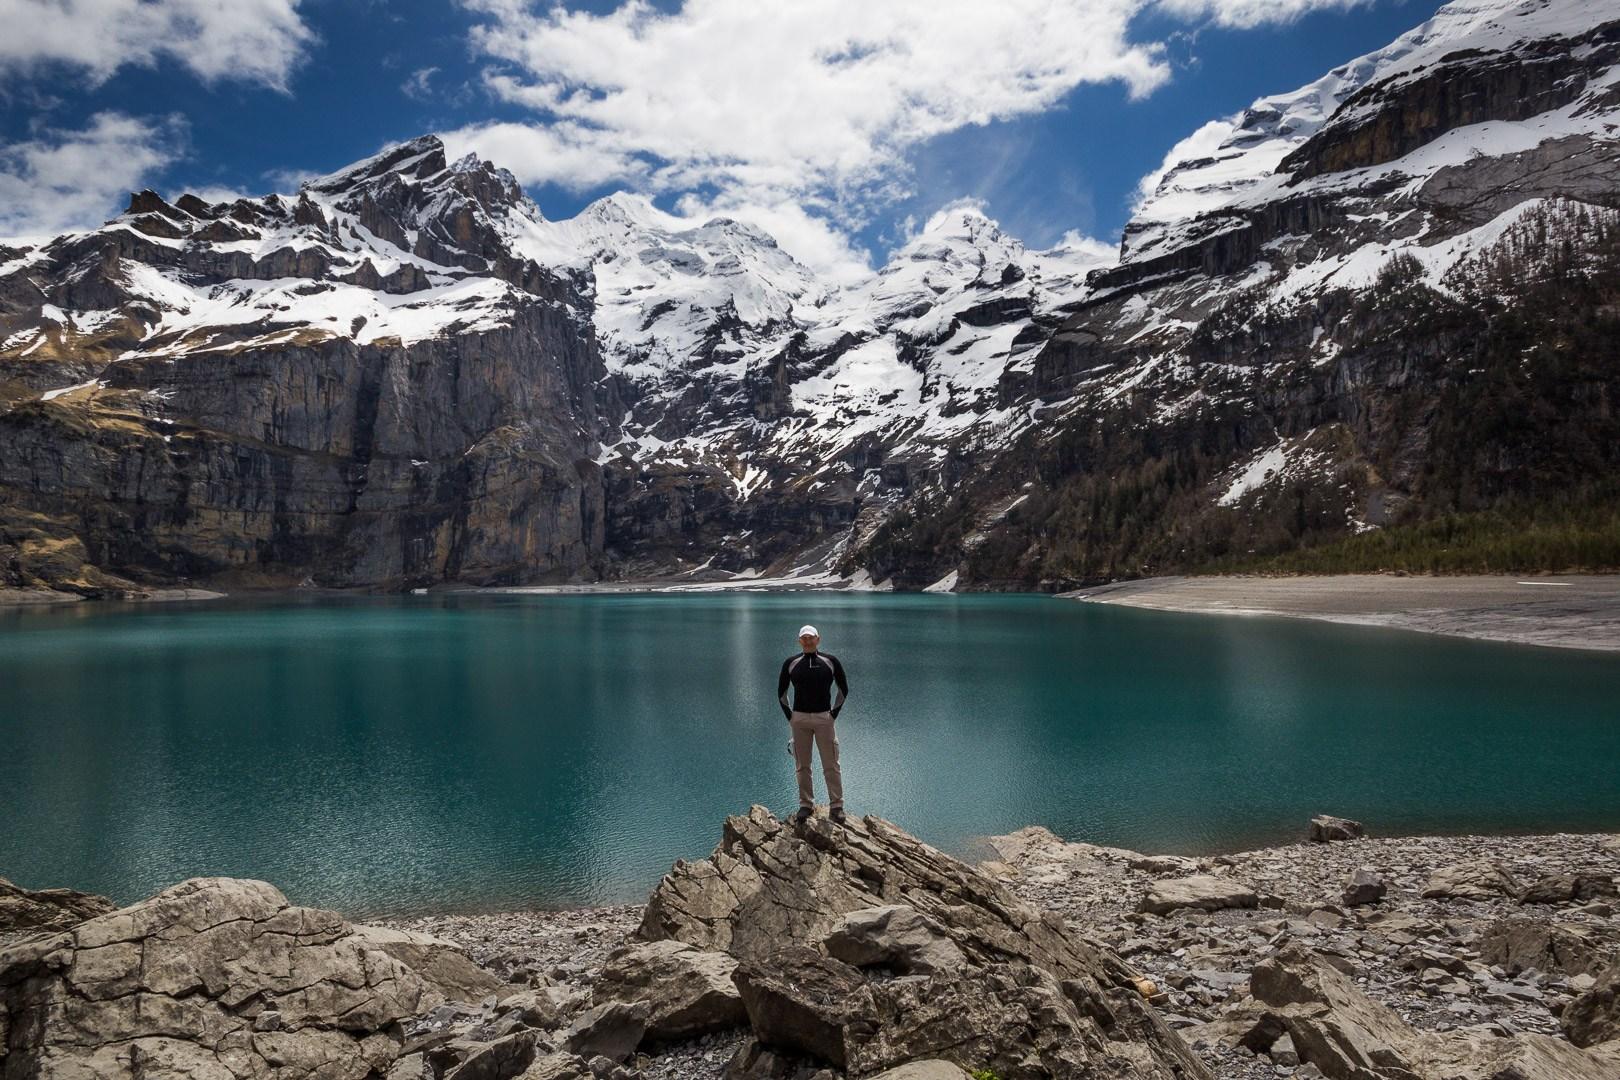 Svájci túraösvényeken: Berni-Alpok – Zermatt – Aletsch-gleccser - Gastlosen-hegység